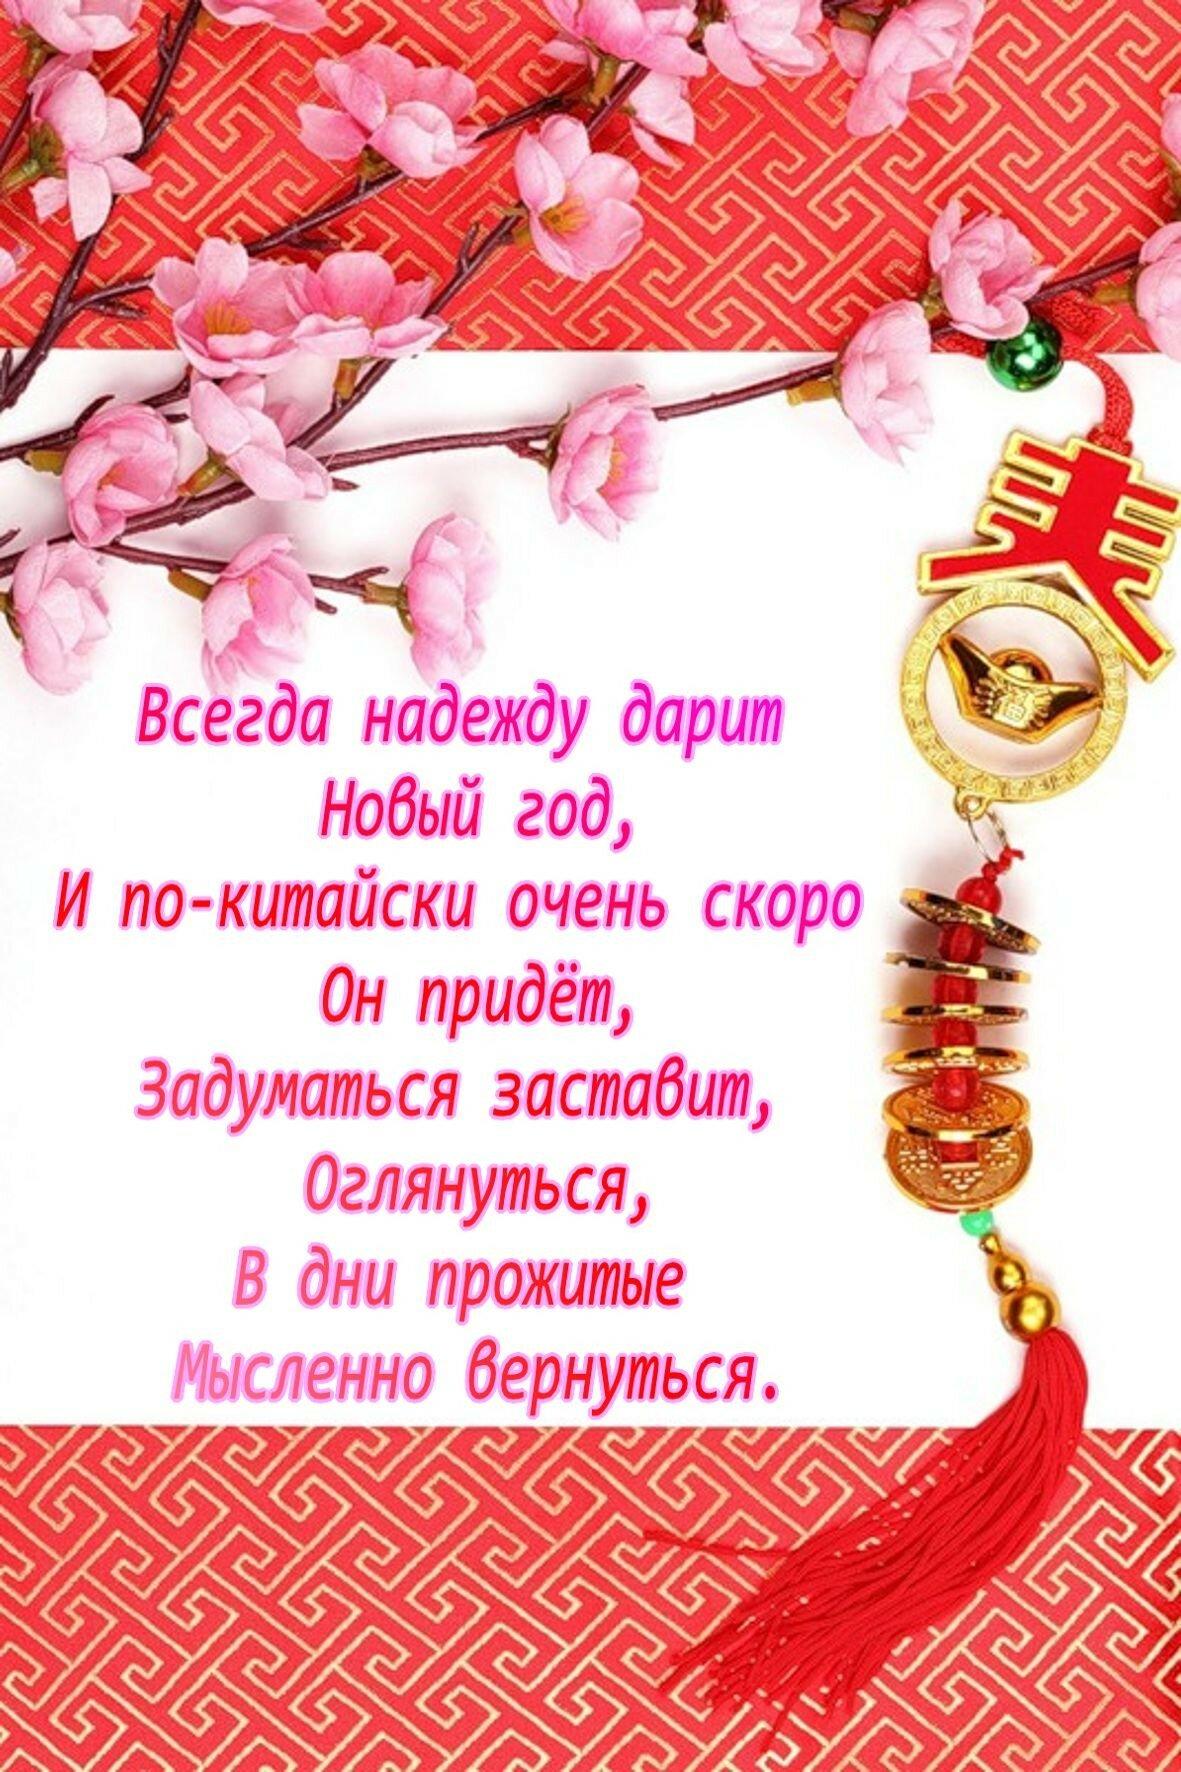 Картинки с новым годом по восточному календарю